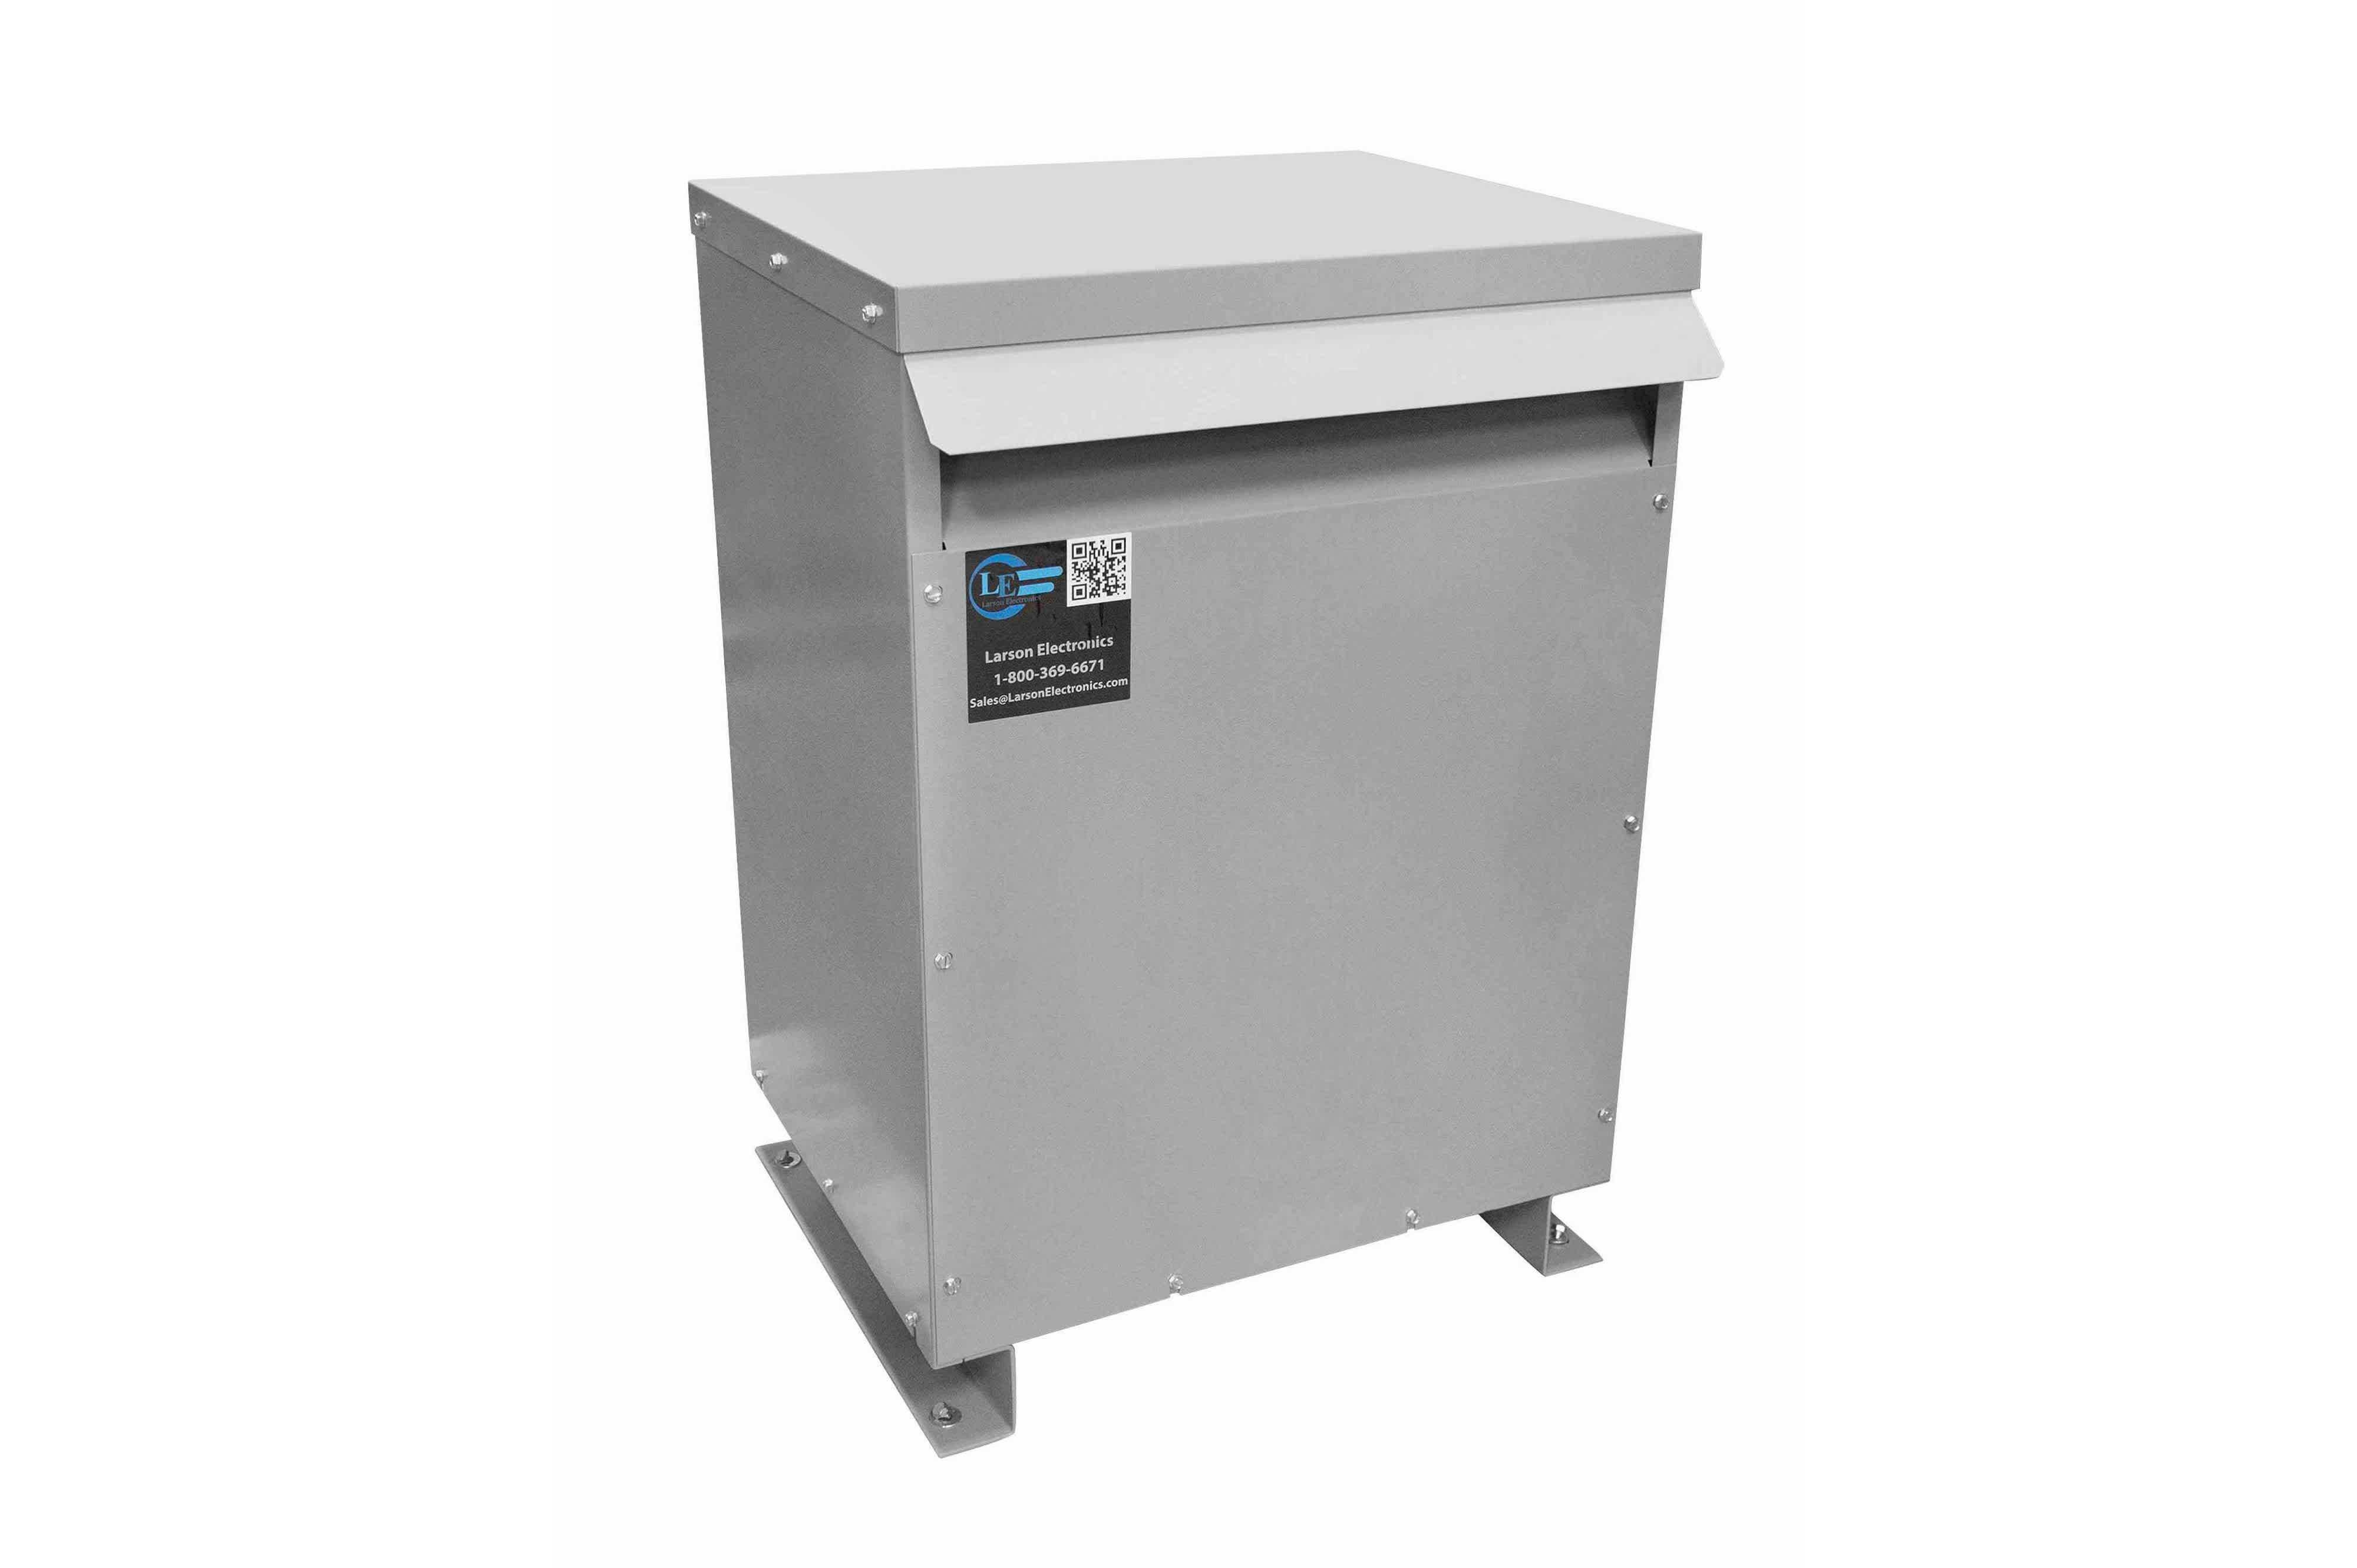 50 kVA 3PH DOE Transformer, 480V Delta Primary, 240V/120 Delta Secondary, N3R, Ventilated, 60 Hz